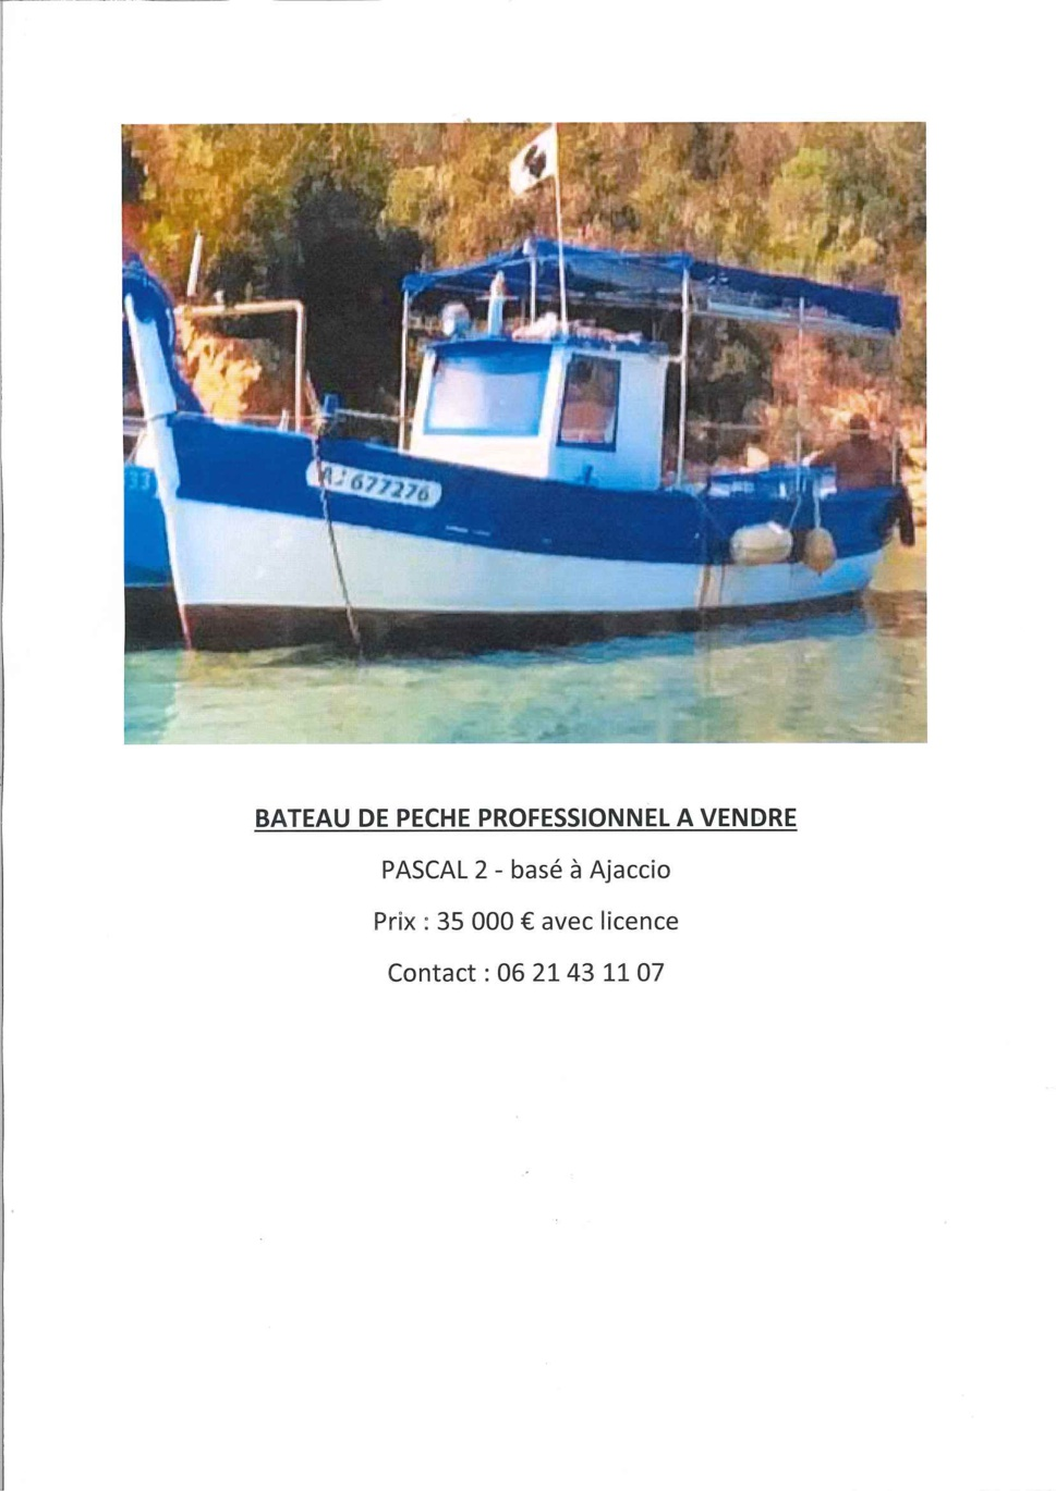 Bateau de pêche à vendre